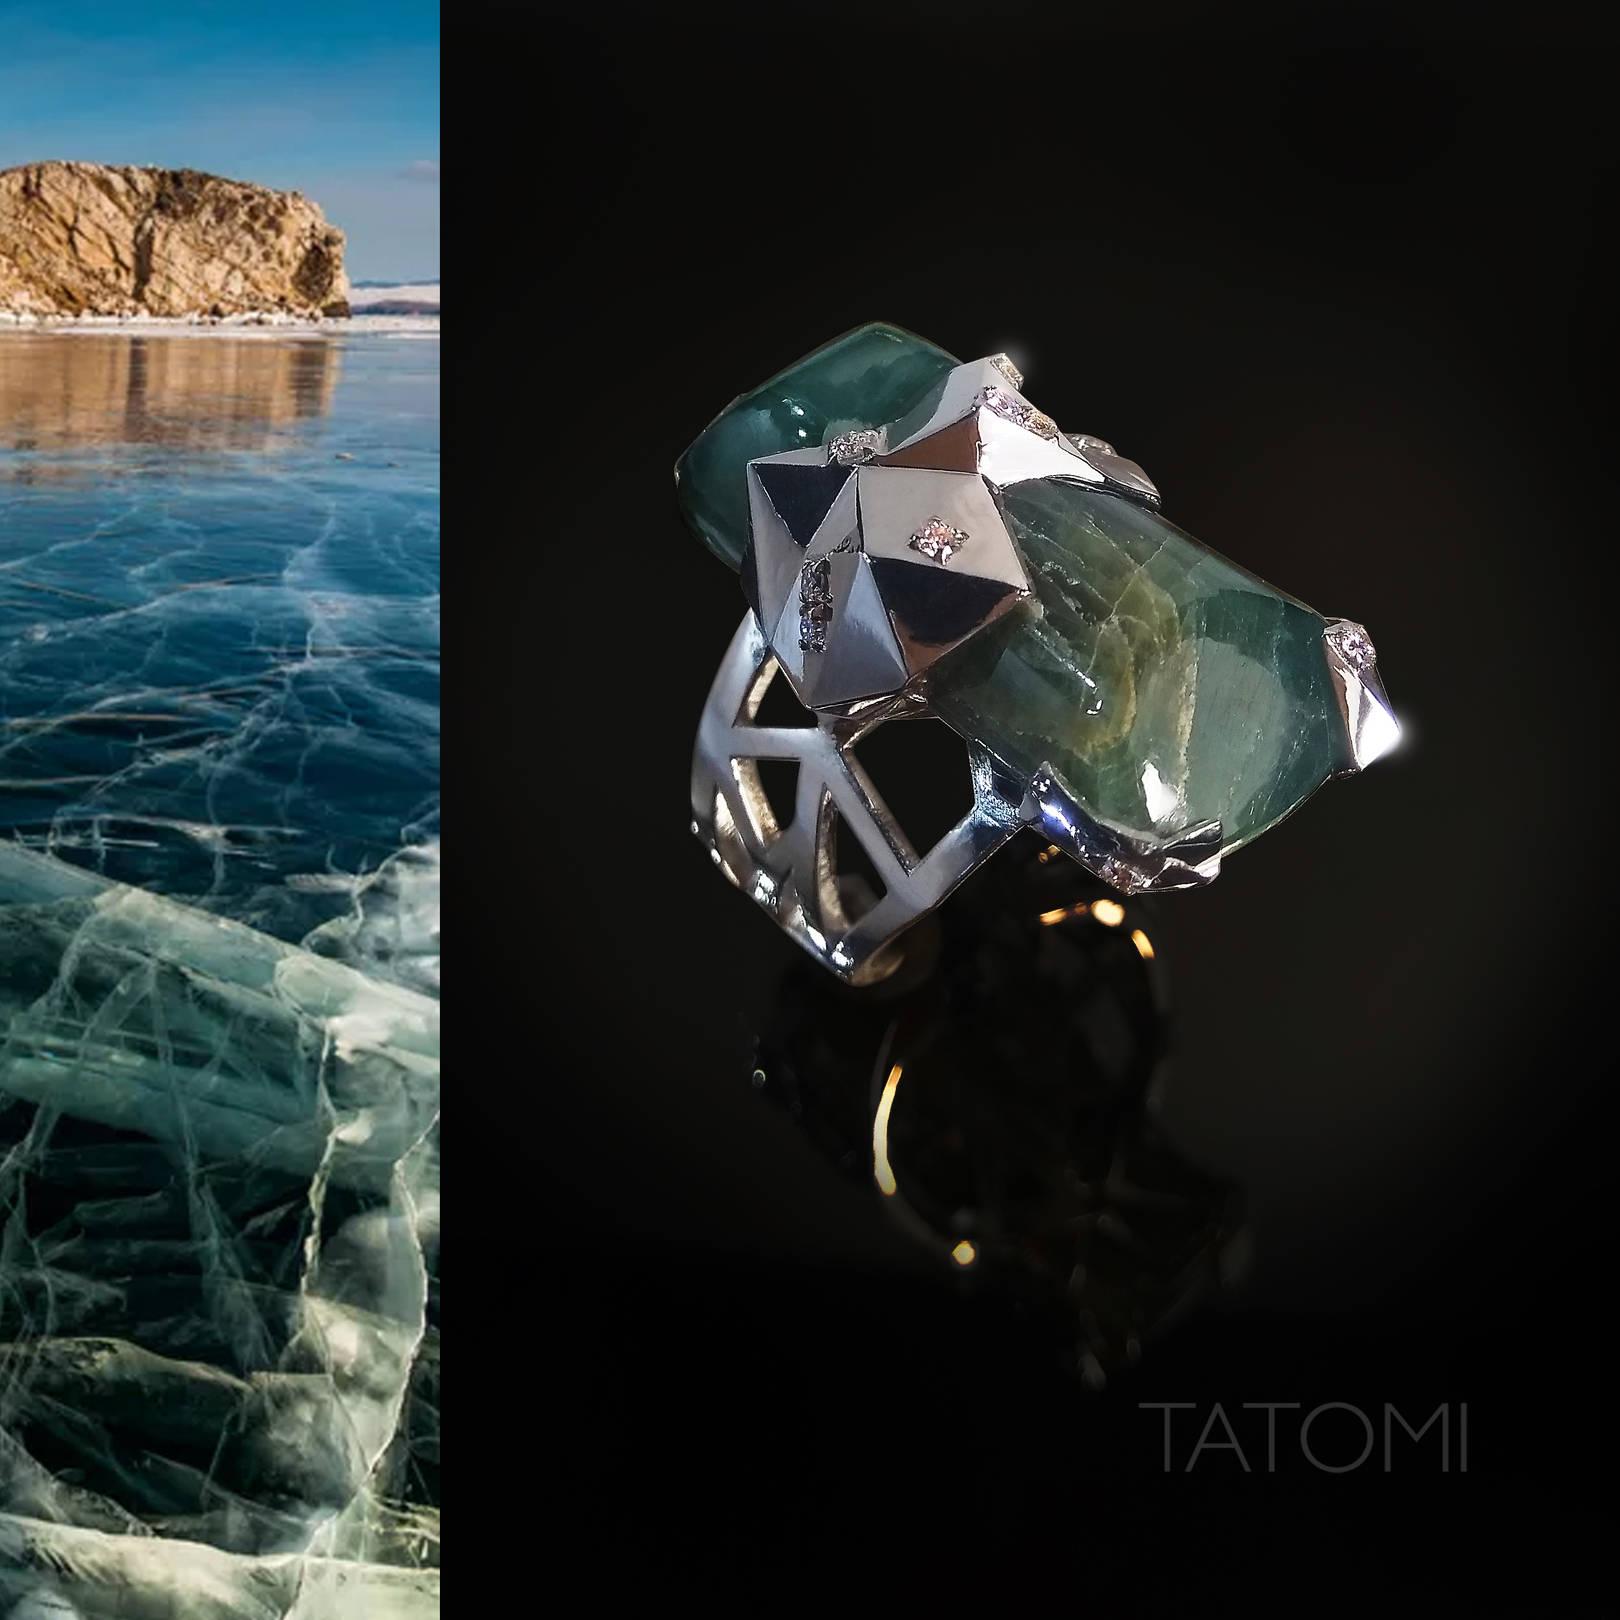 Редкий камень грандидьерит, похожий на покрытый прожилками лед, задал тон этому кольцо - осоколки льда с бриллиантовыми капельками.